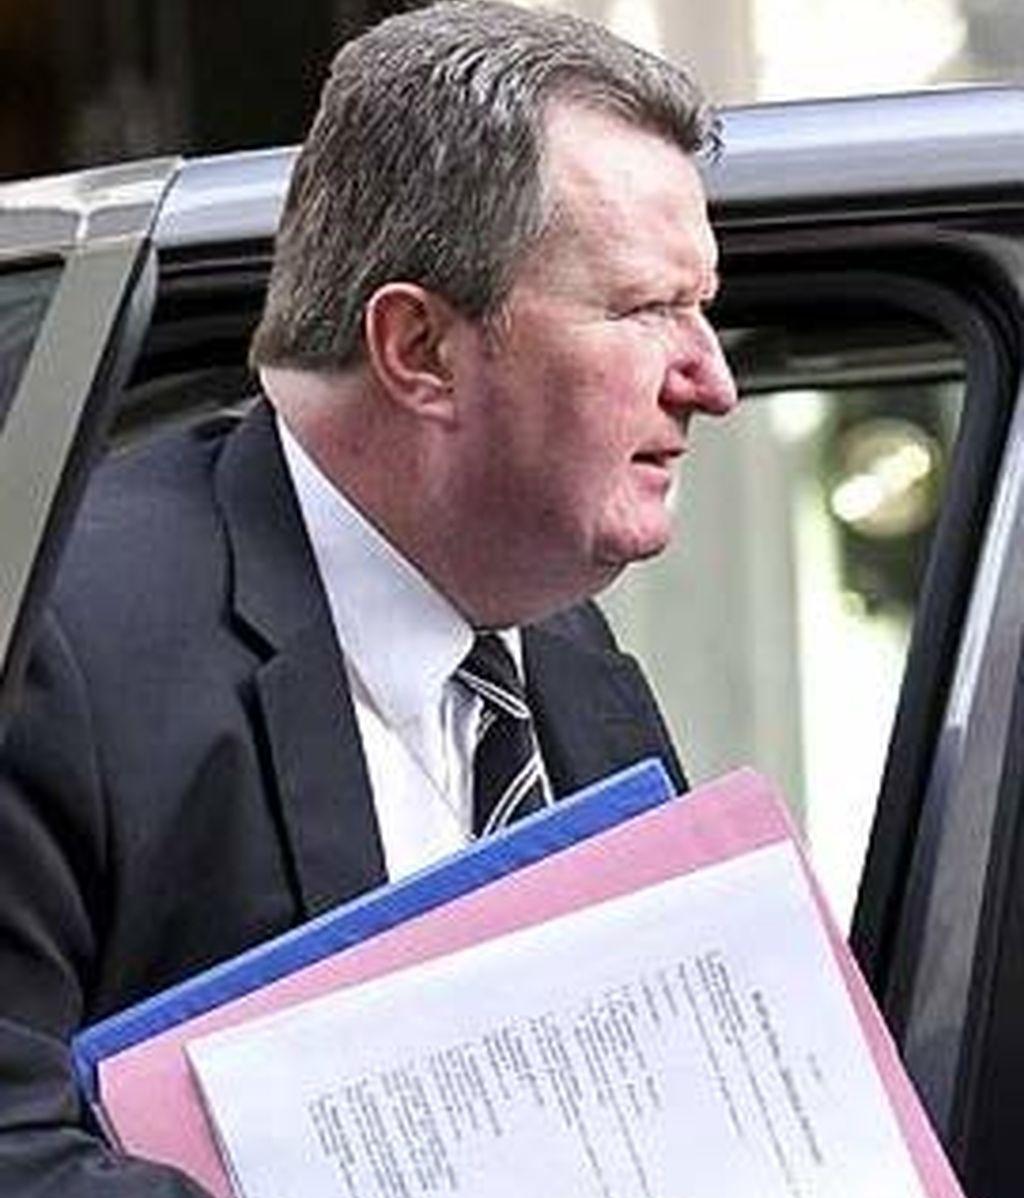 El subcomisario británico, Bob Quick, mostró varios documentos con información confidencial sobre las redadas. Foto: The Sun.